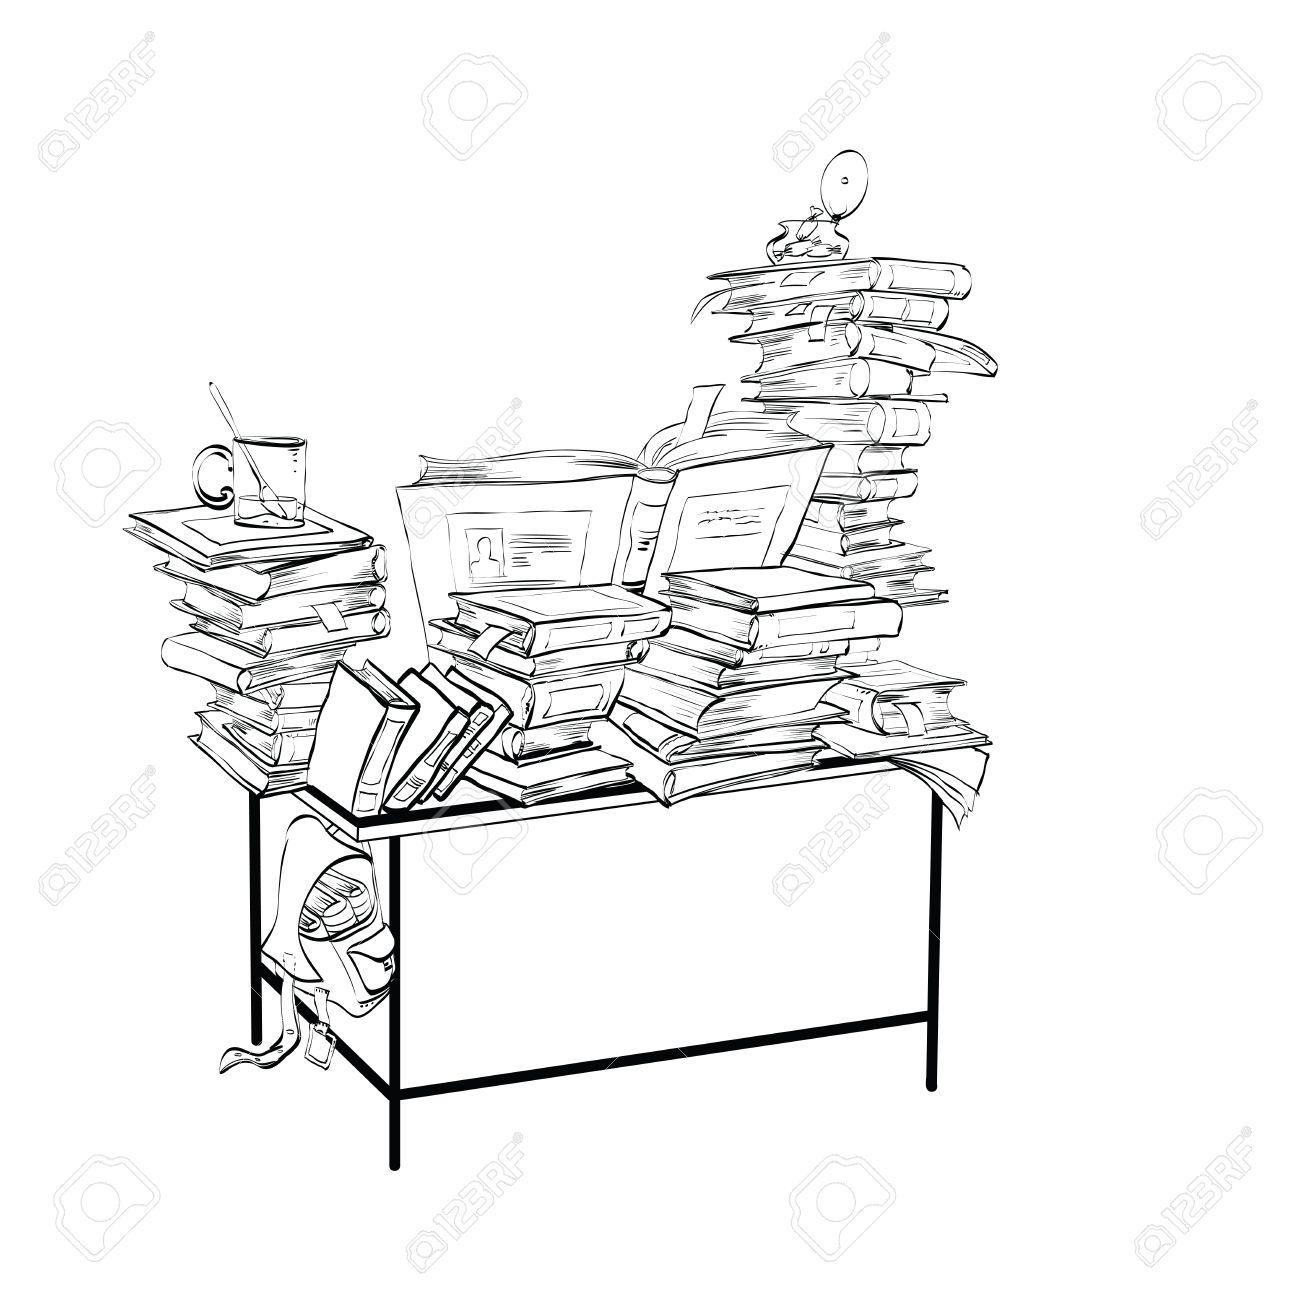 Escritorio De La Escuela Con Los Libros La Literatura Y El Arte De Línea De La Biblioteca La Lectura Y La Educación Ejemplo Blanco Y Negro Para